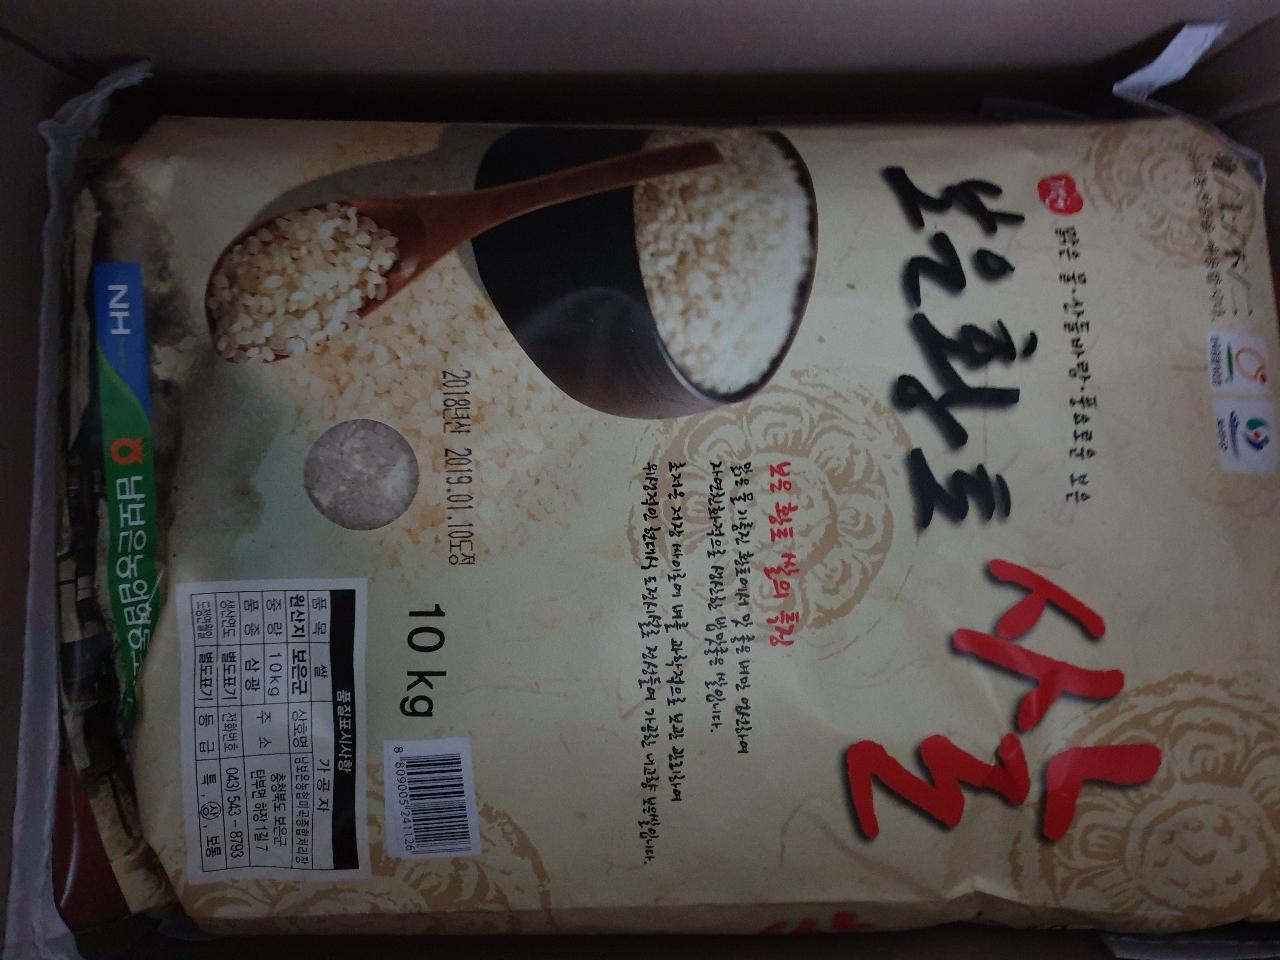 쌀20kg 팝니다